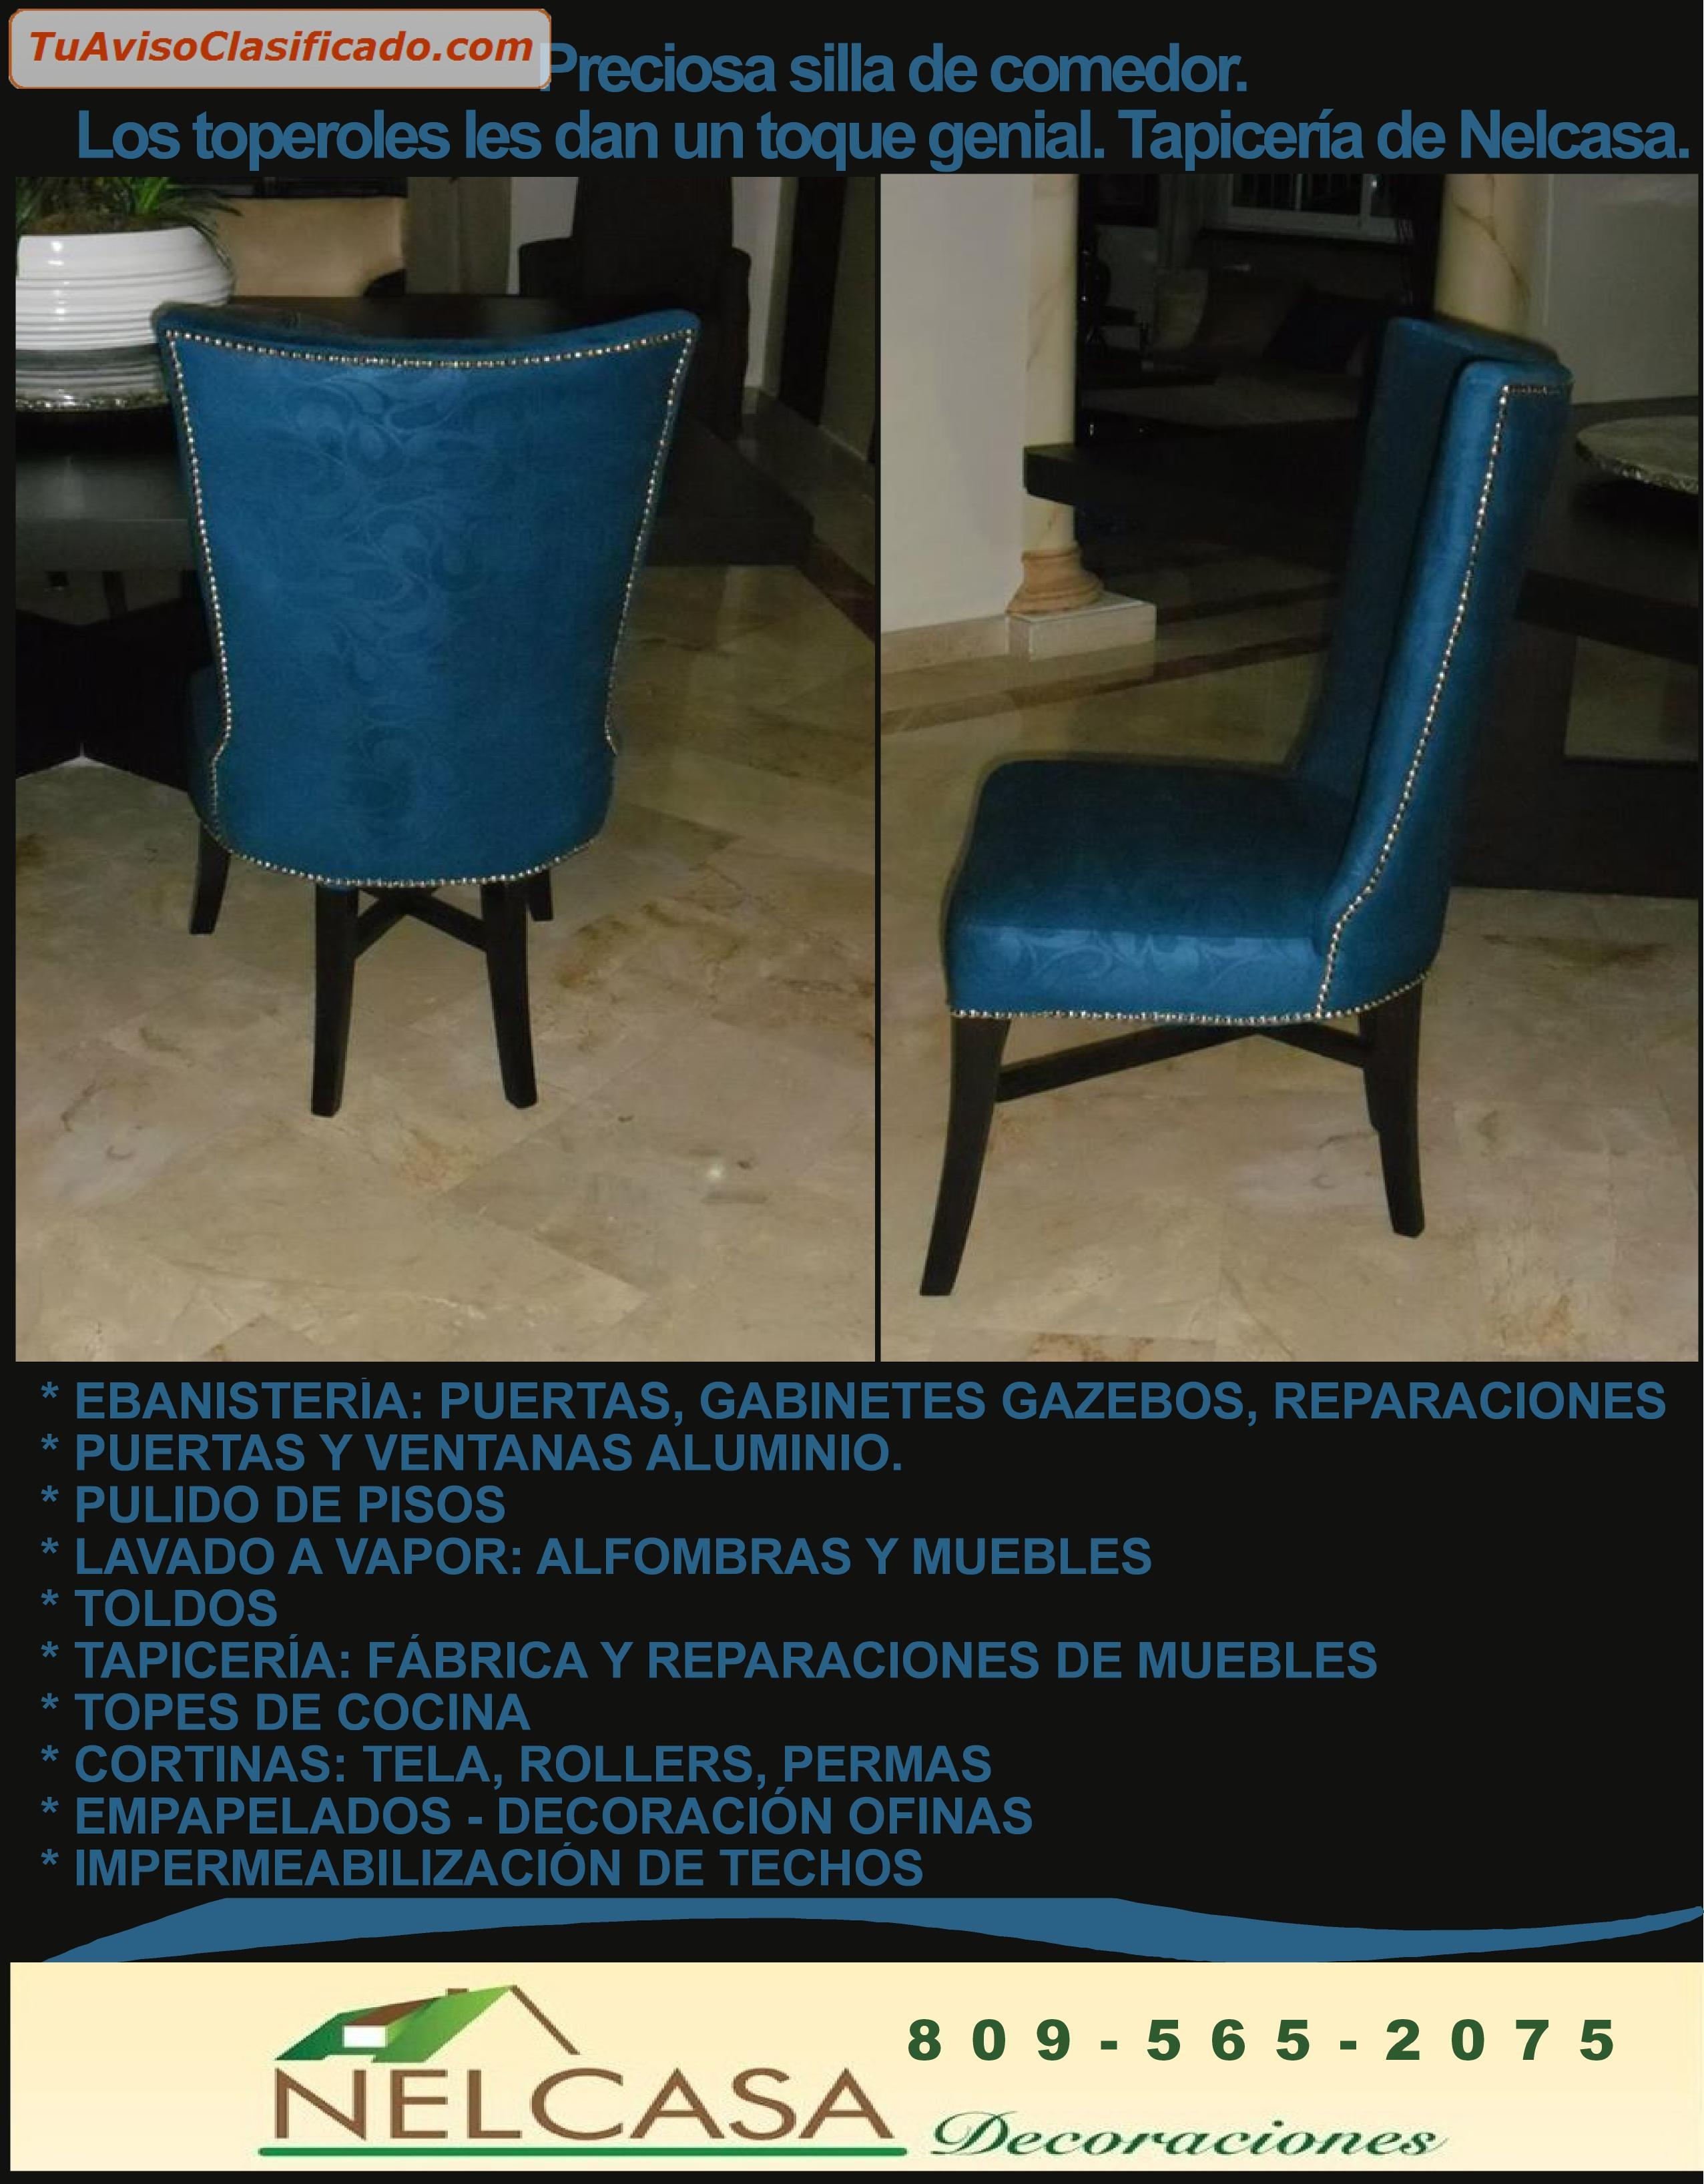 Puertas Para Baños En Santo Domingo:fabricacion-topes-de-cocina-granito-y-granitox-gabinetes-puertas-3jpg